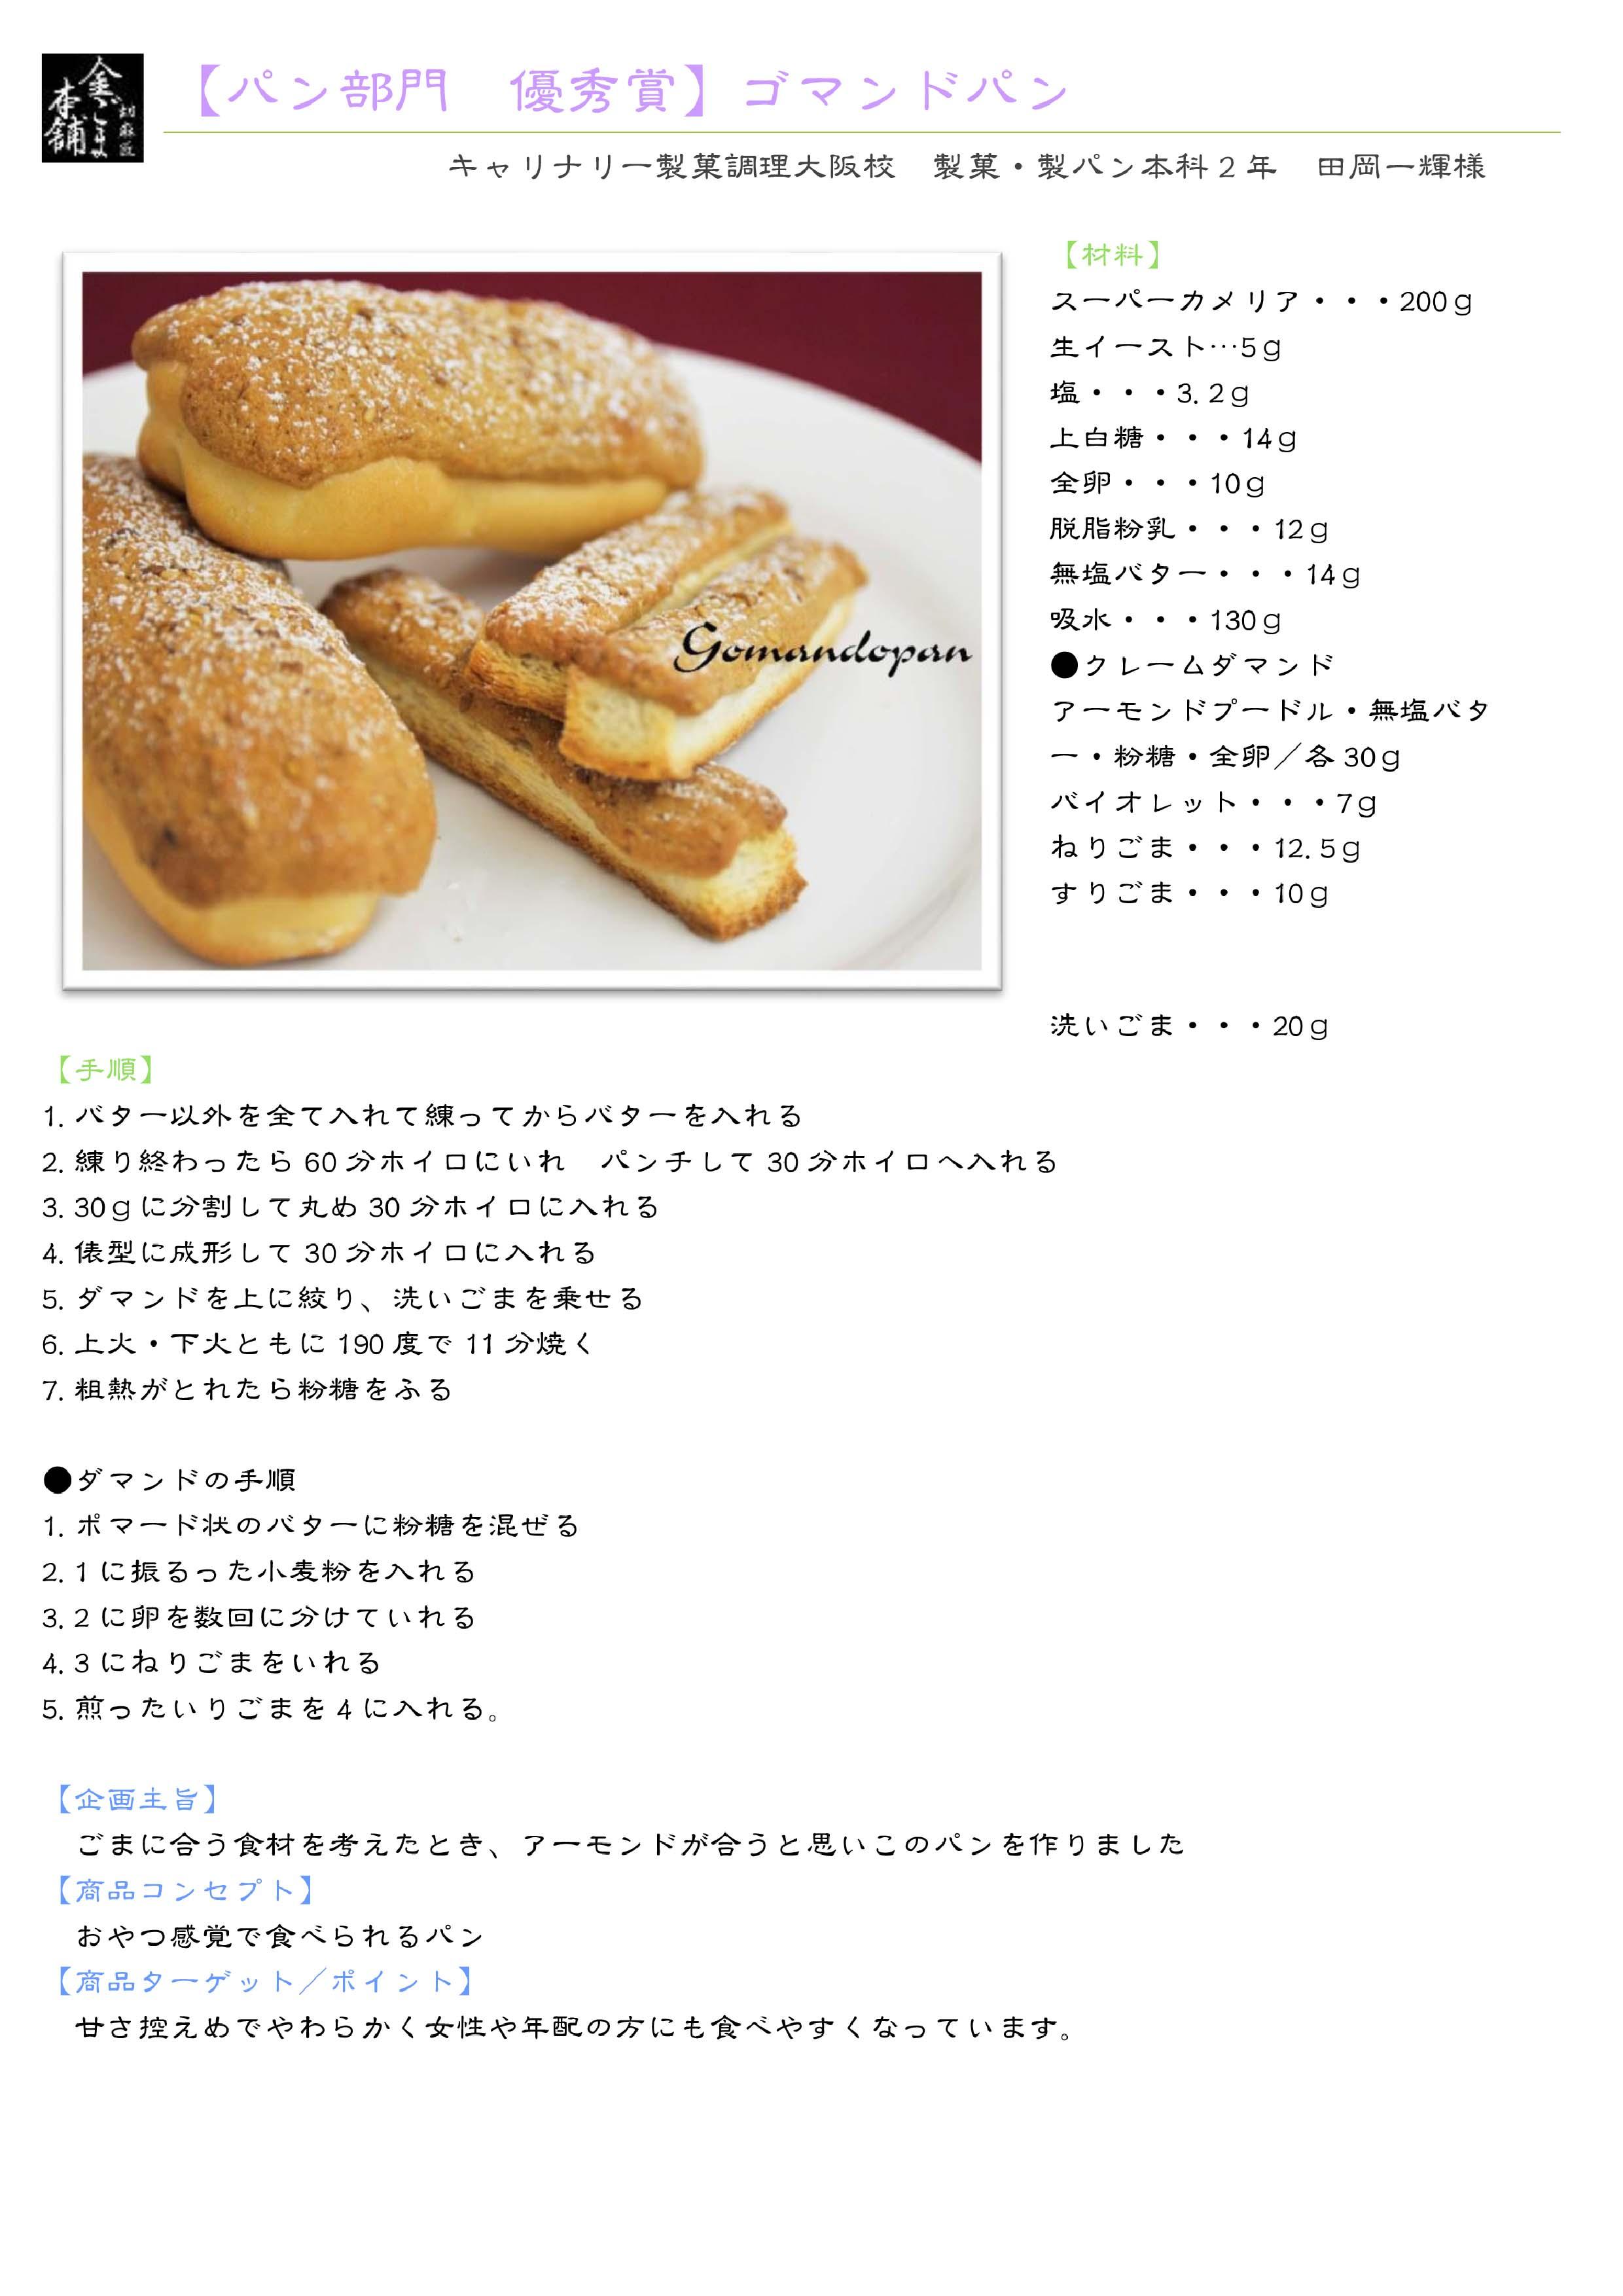 ゴマンドパン